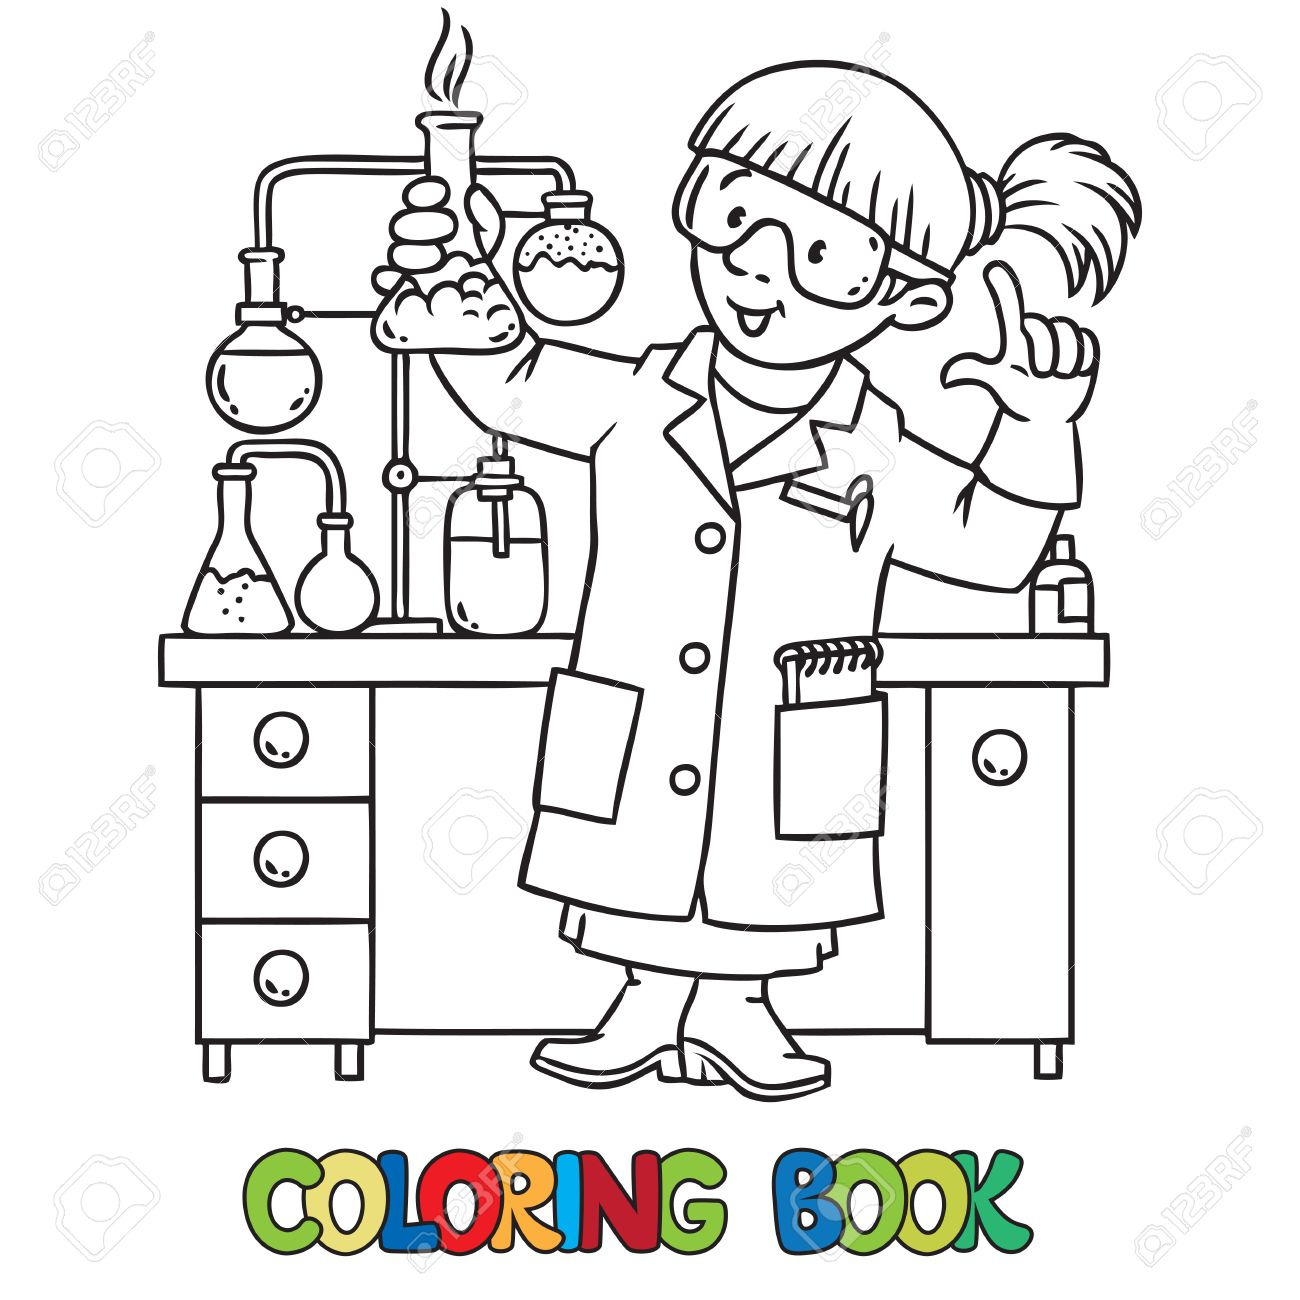 Foto Colorante O Libro De Colorear Del Químico O Científico Divertido Una Mujer De Las Gafas Vestidos Con Una Bata De Laboratorio Y Guantes Con La